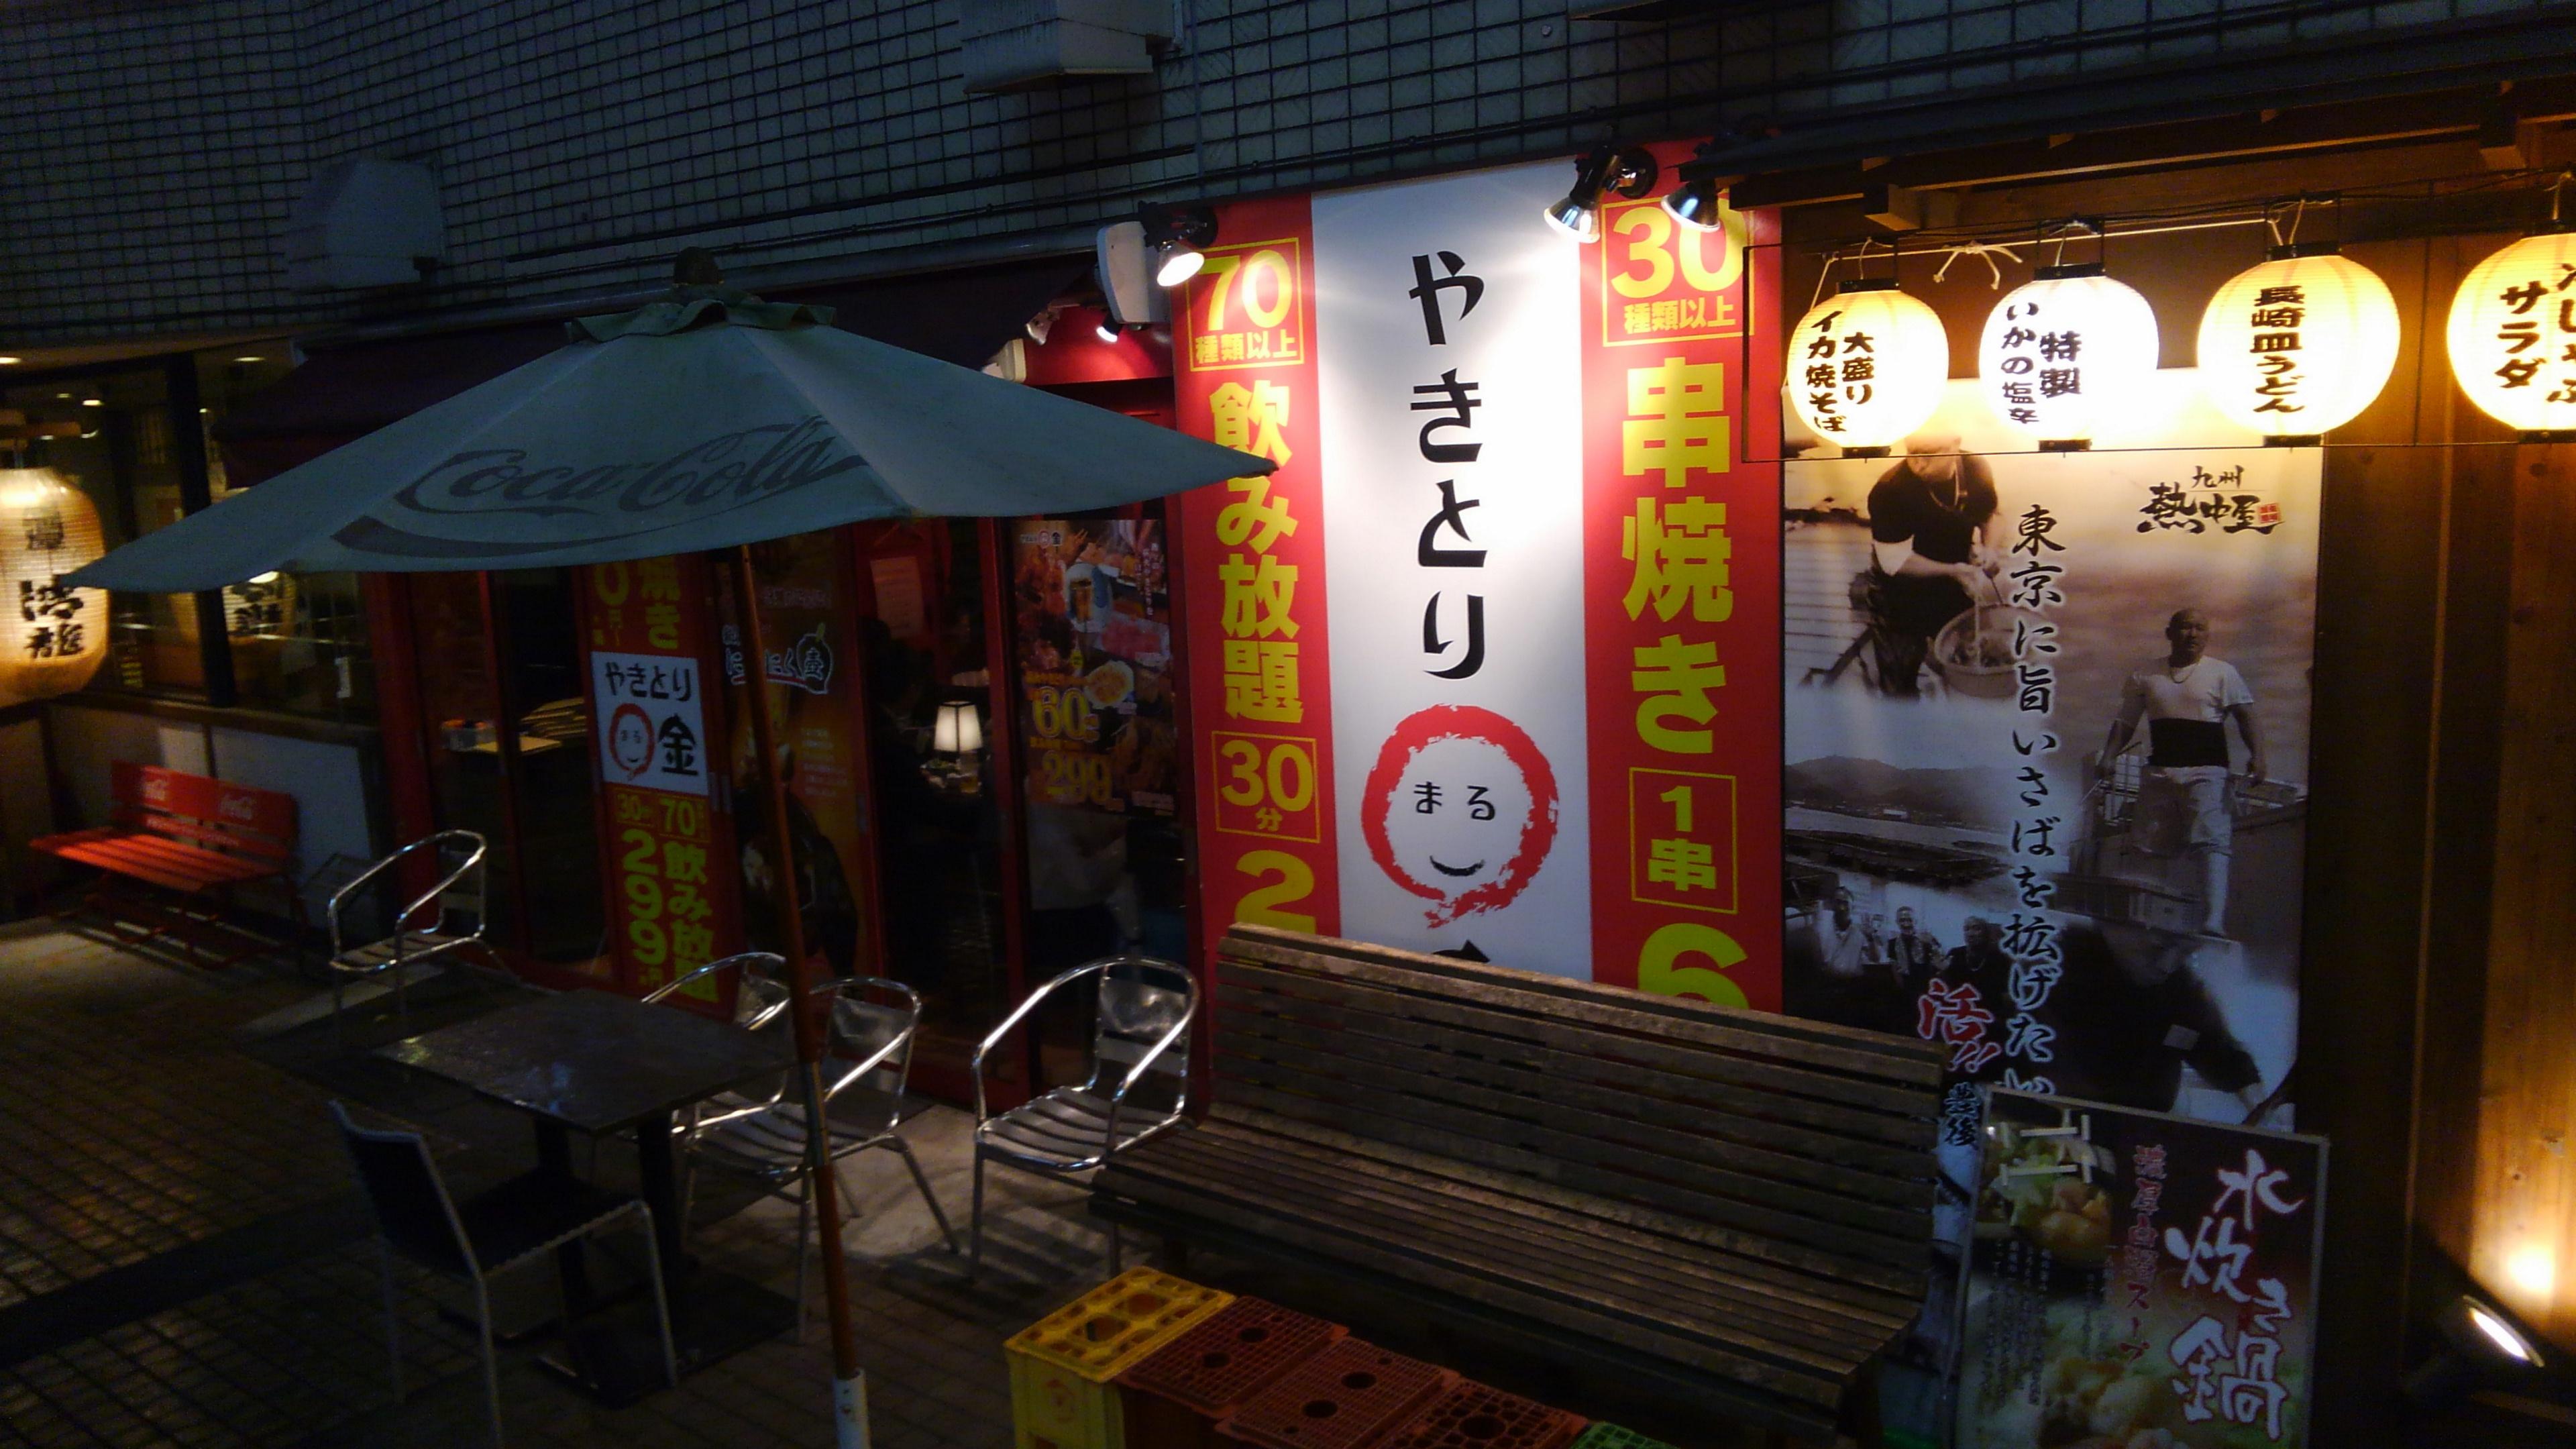 ○金本店(田町) 30分飲み放題で299円!?しかもビールまで?